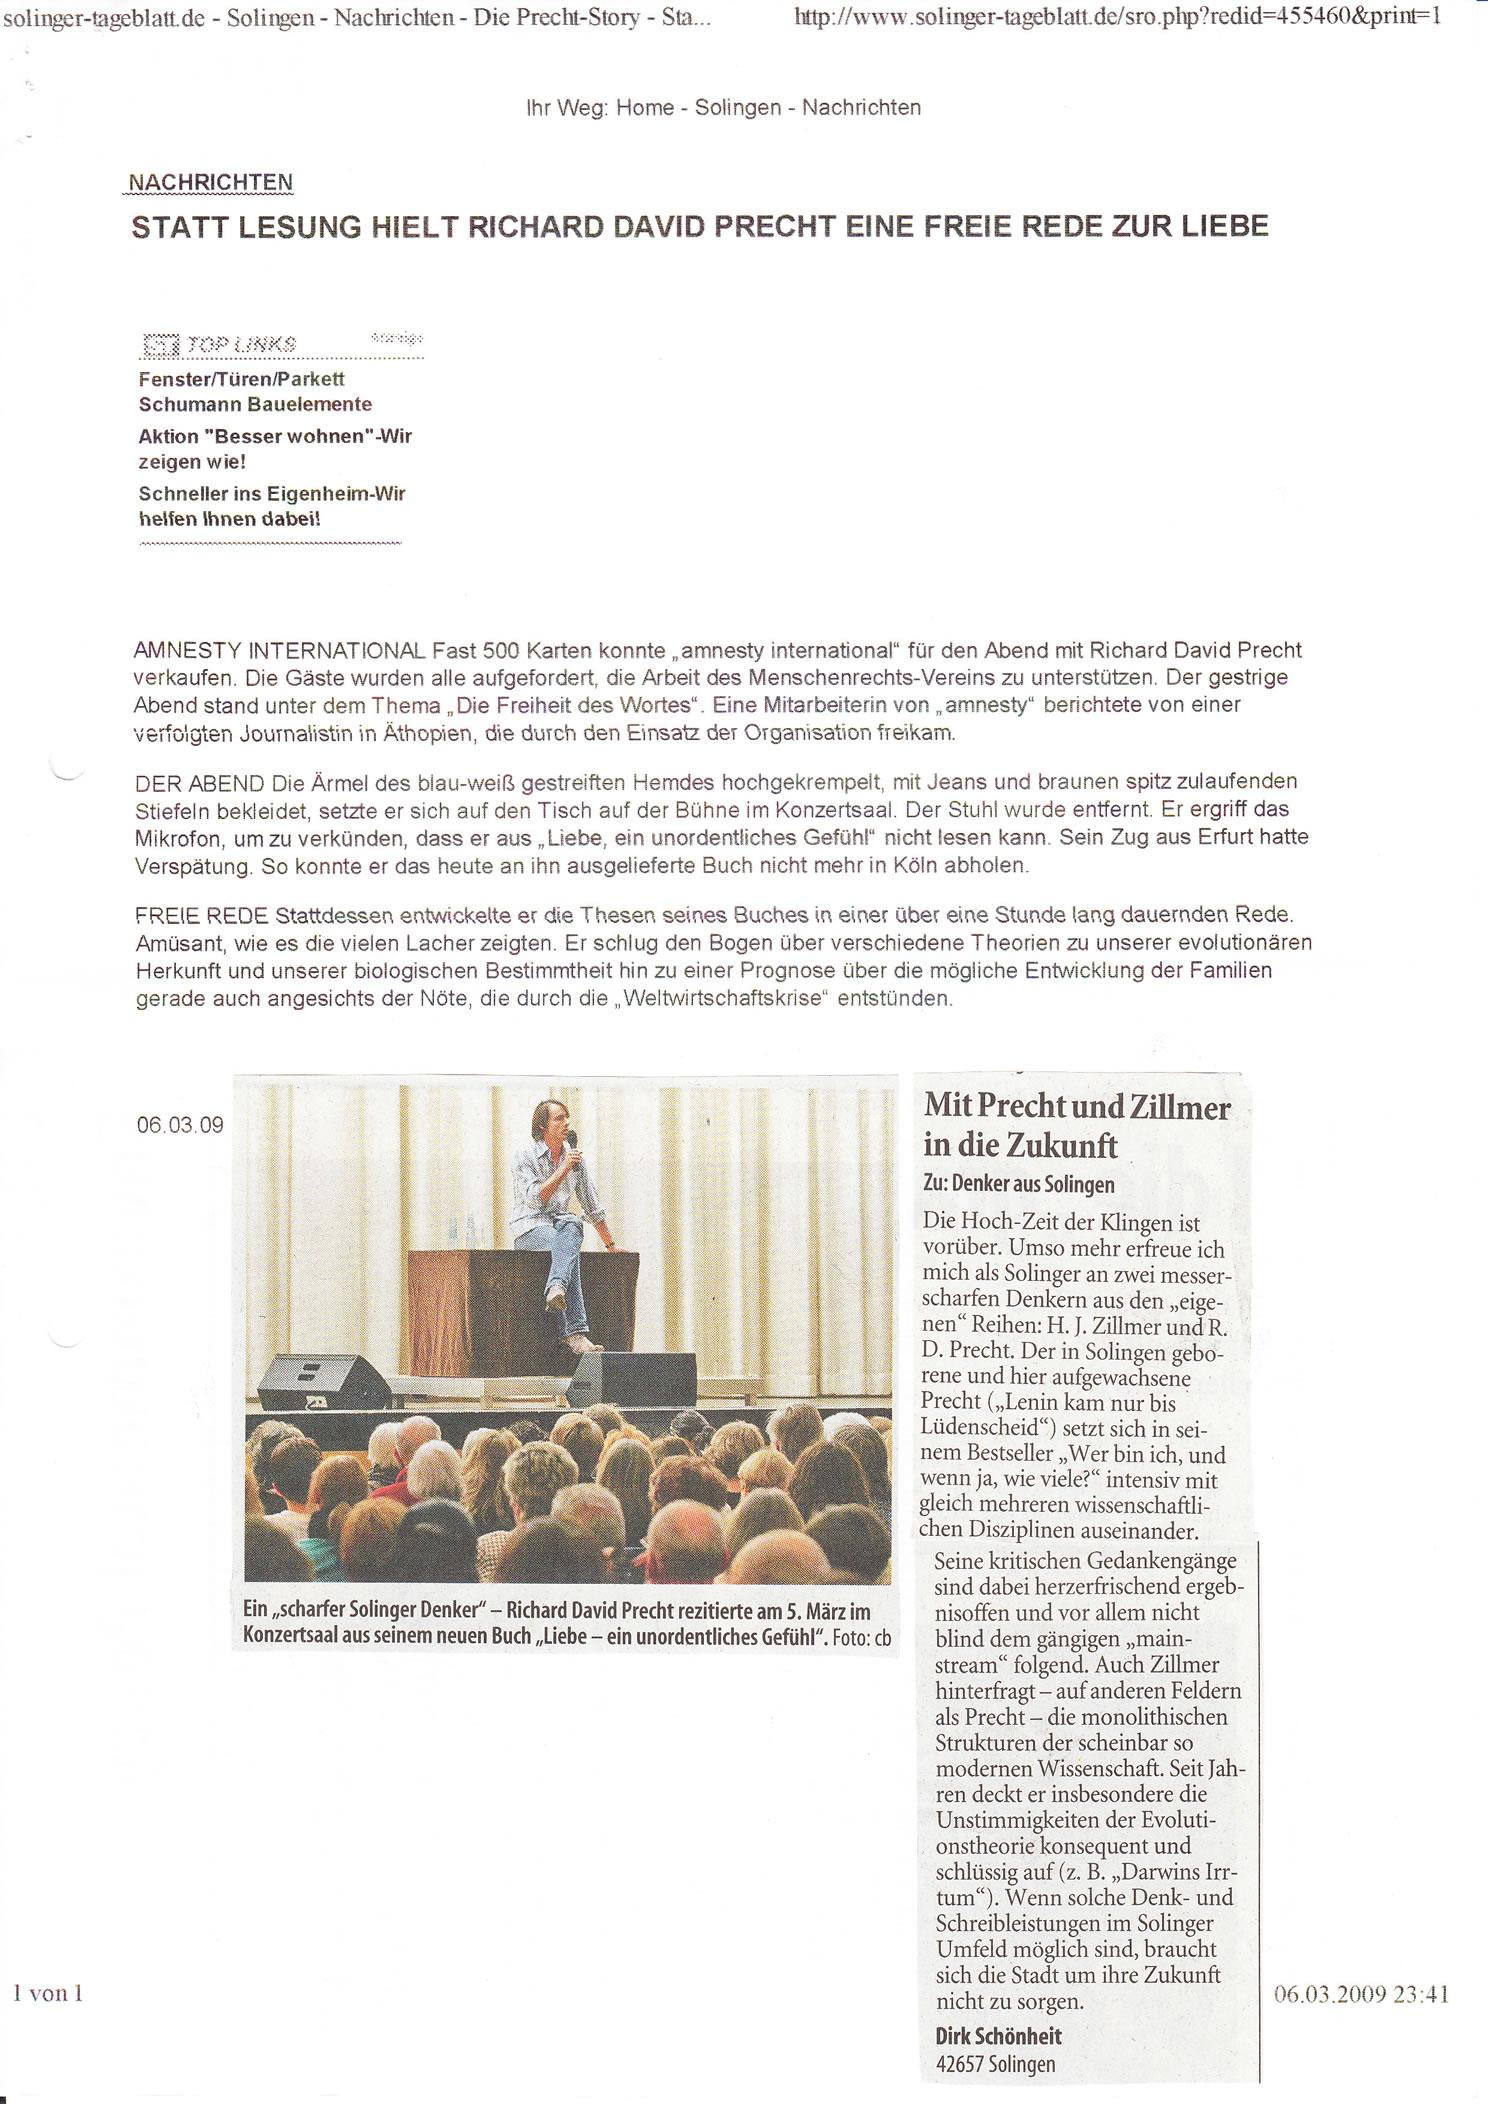 Solinger Tageblatt 03/09: Lesung Richard David Precht, Leserbrief